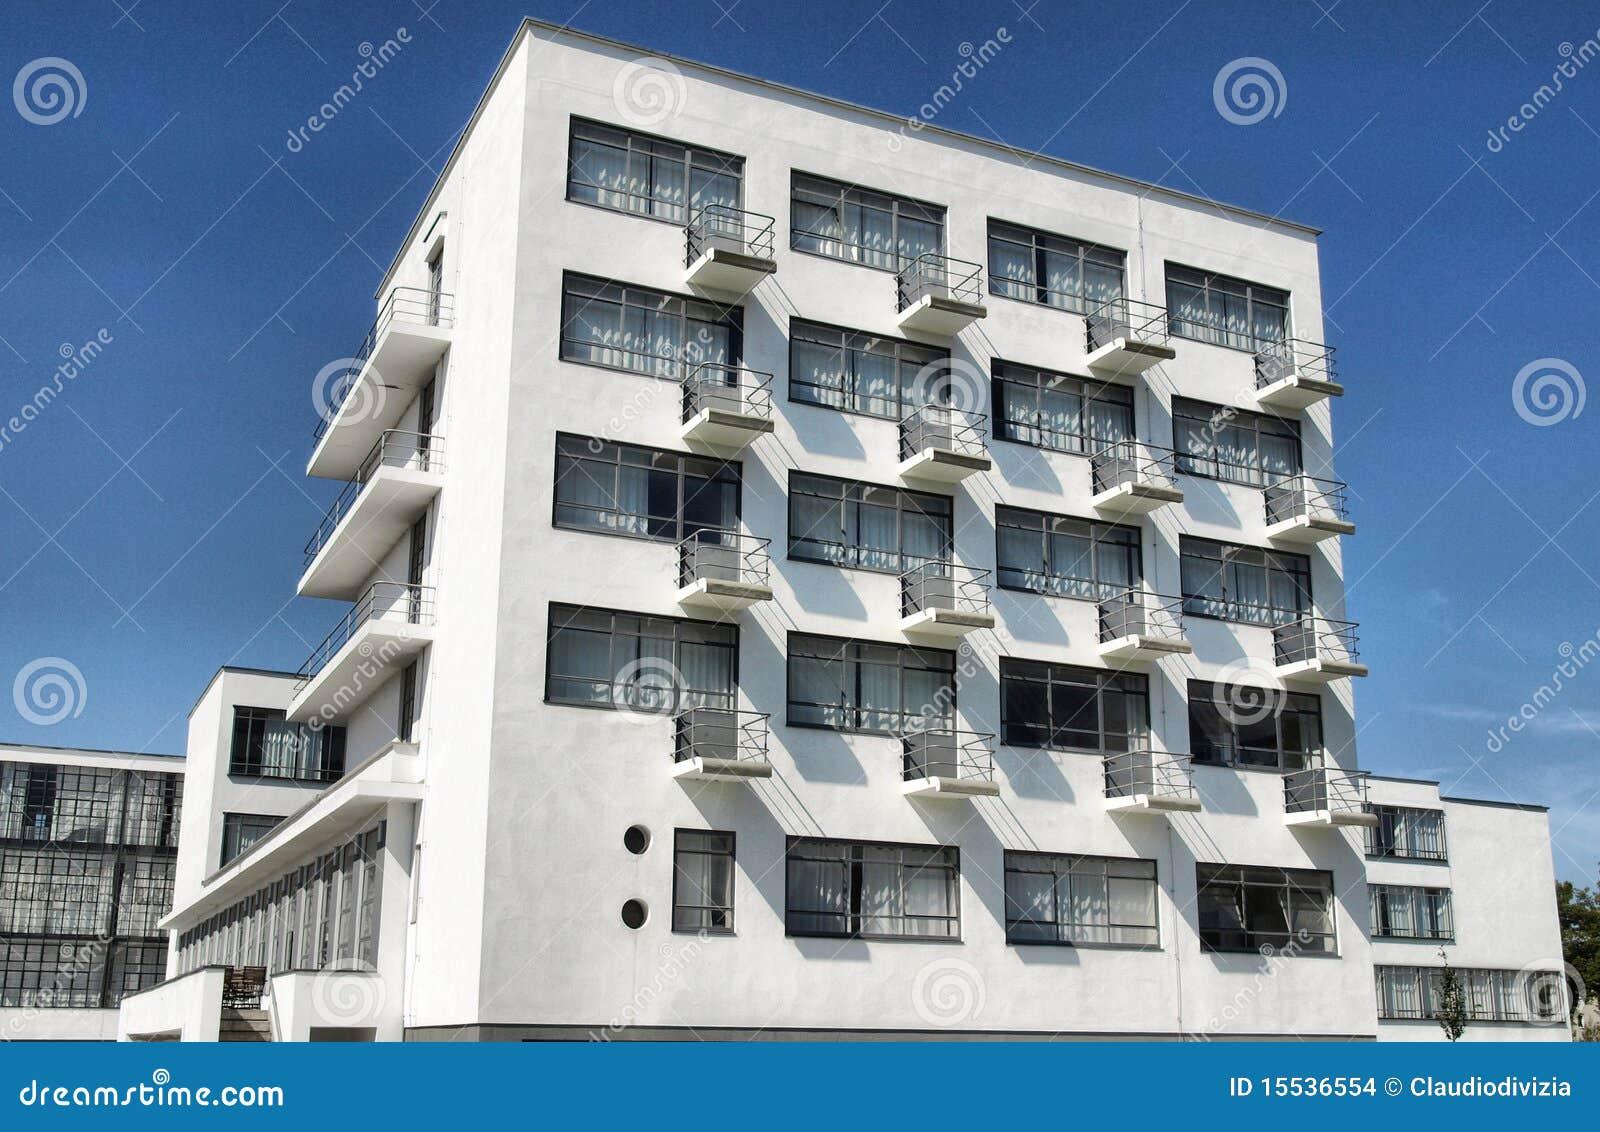 Bauhaus dessau stock images image 15536554 for Pool design dessau